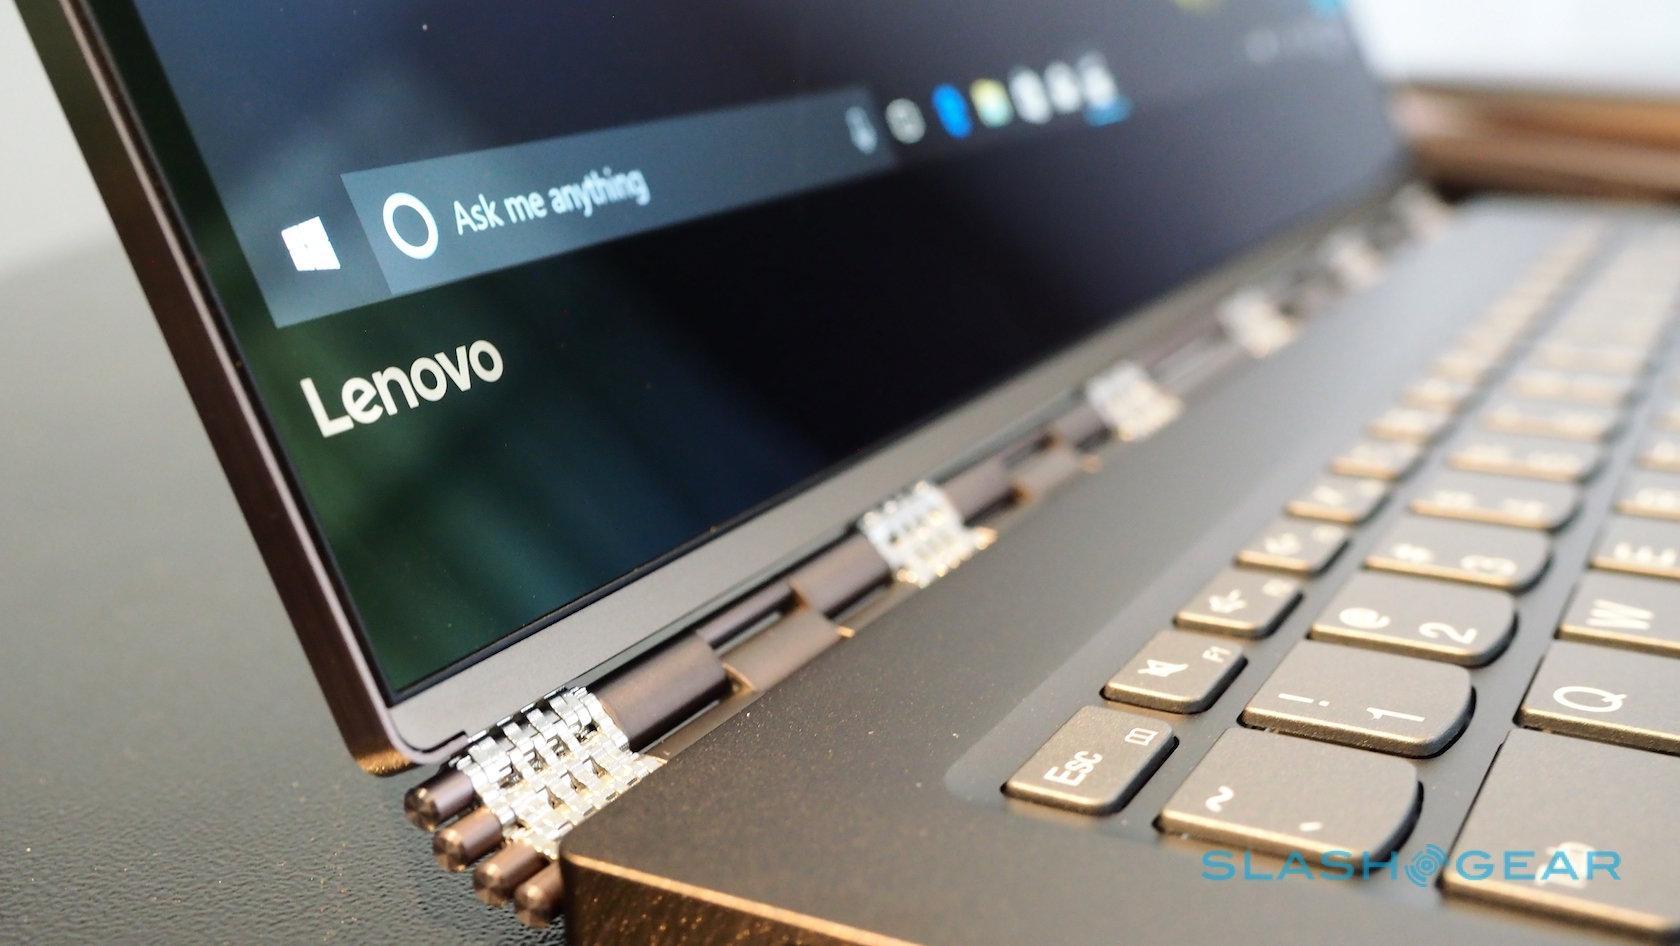 Lenovo Yoga 920 hands-on: Thunderbolt 3, 8th Gen Core i7, more